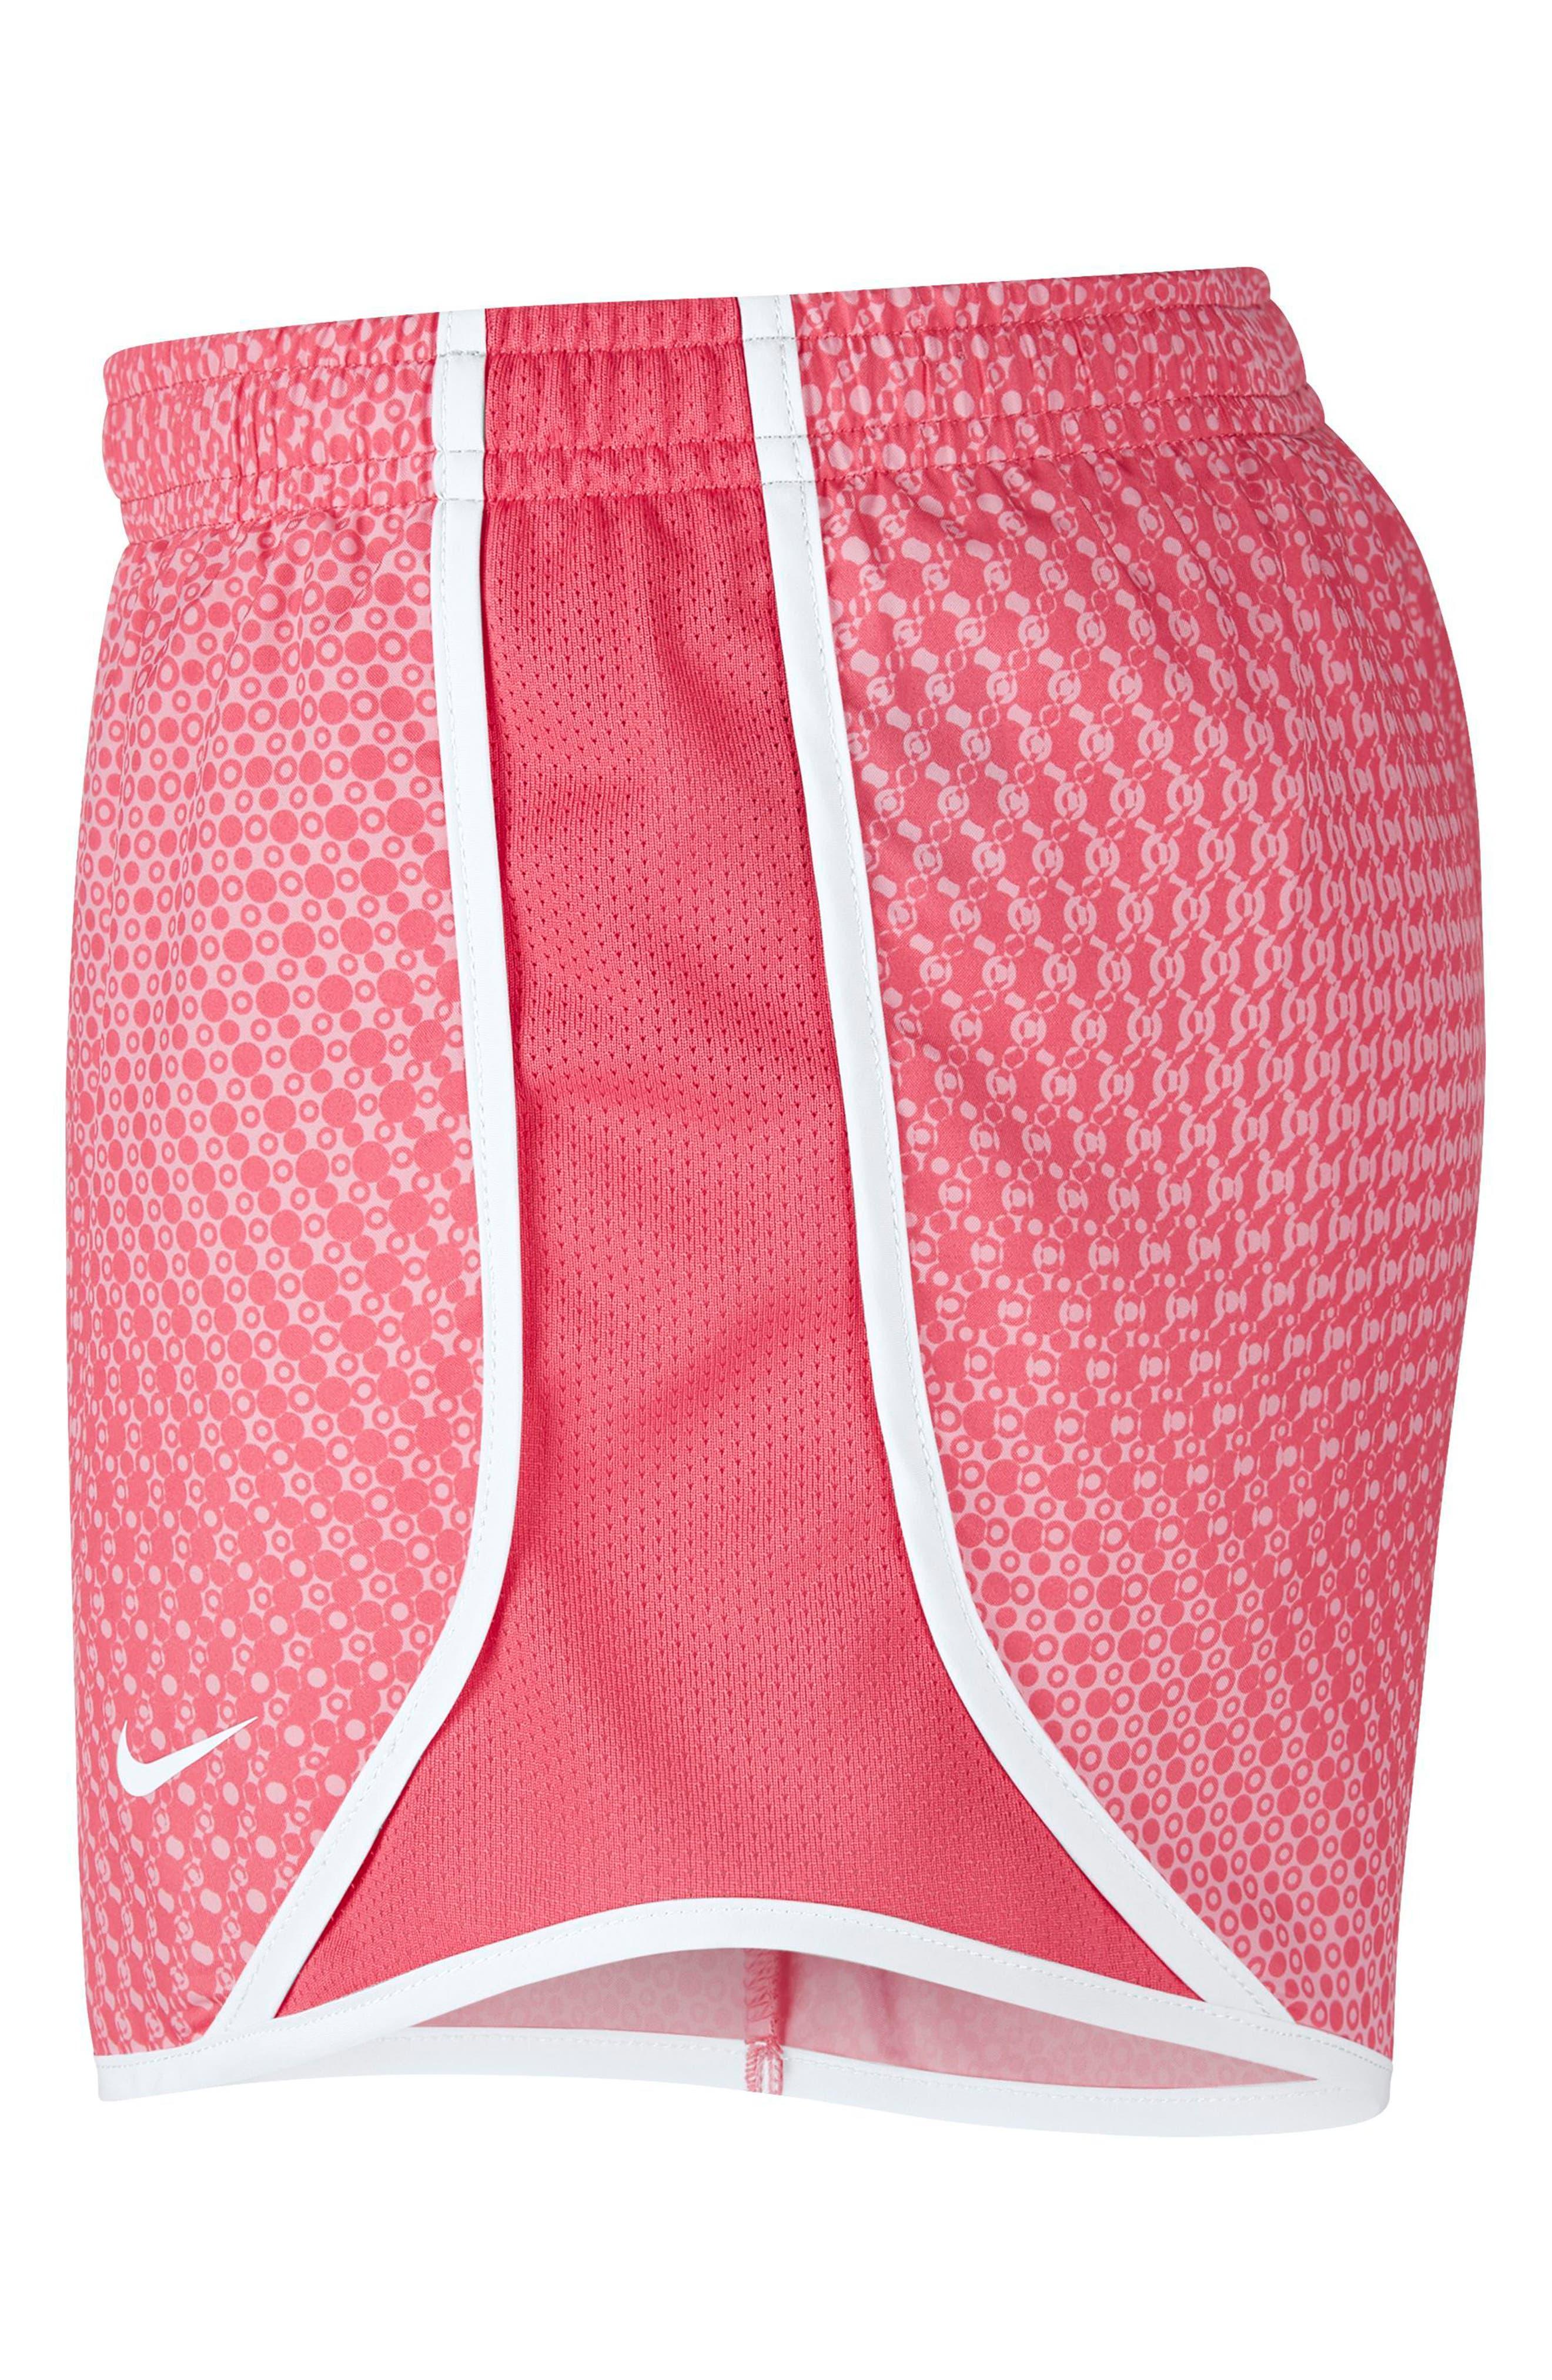 Dry Tempo Shorts,                             Alternate thumbnail 4, color,                             PINK NEBULA/ WHITE